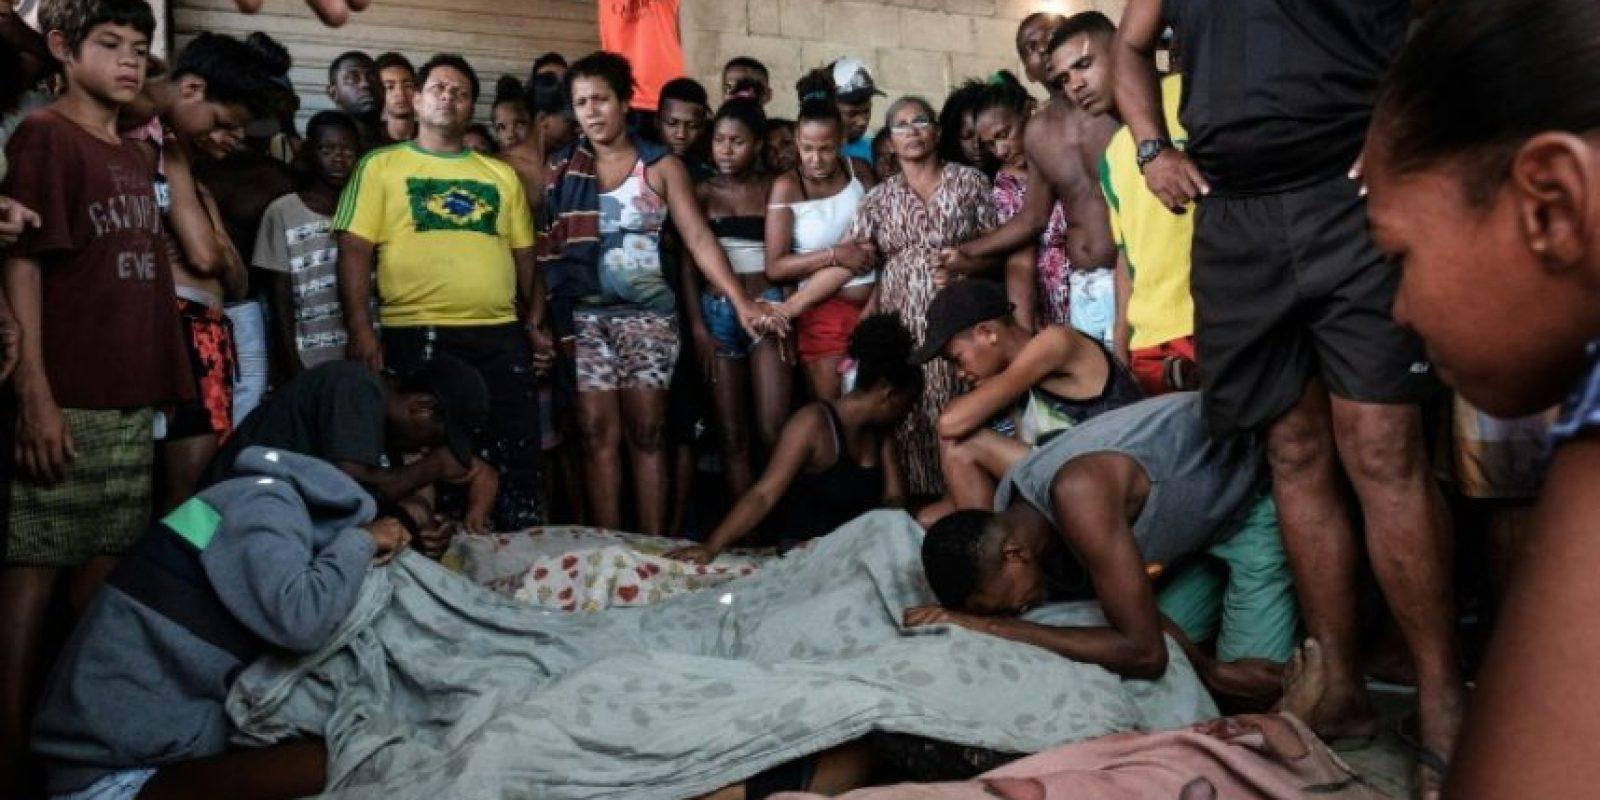 Un grupo de personas llora a sus familiares muertos tras un operativo policial en la favela Cidade de Deus el 20 de noviembre de 2016 en Rio de Janeiro Foto:Yasuyoshi Chiba/afp.com